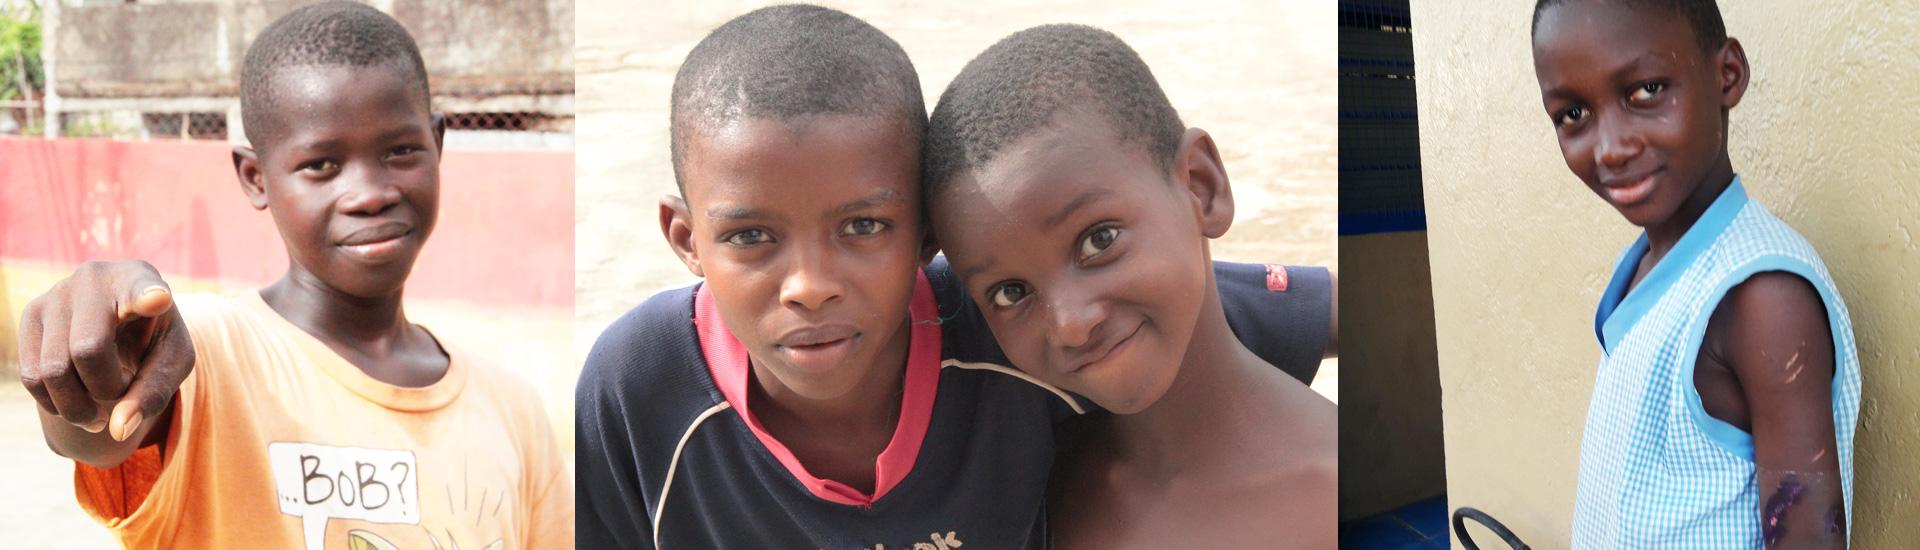 Menores inocentes acusados de brujería en Sierra Leona